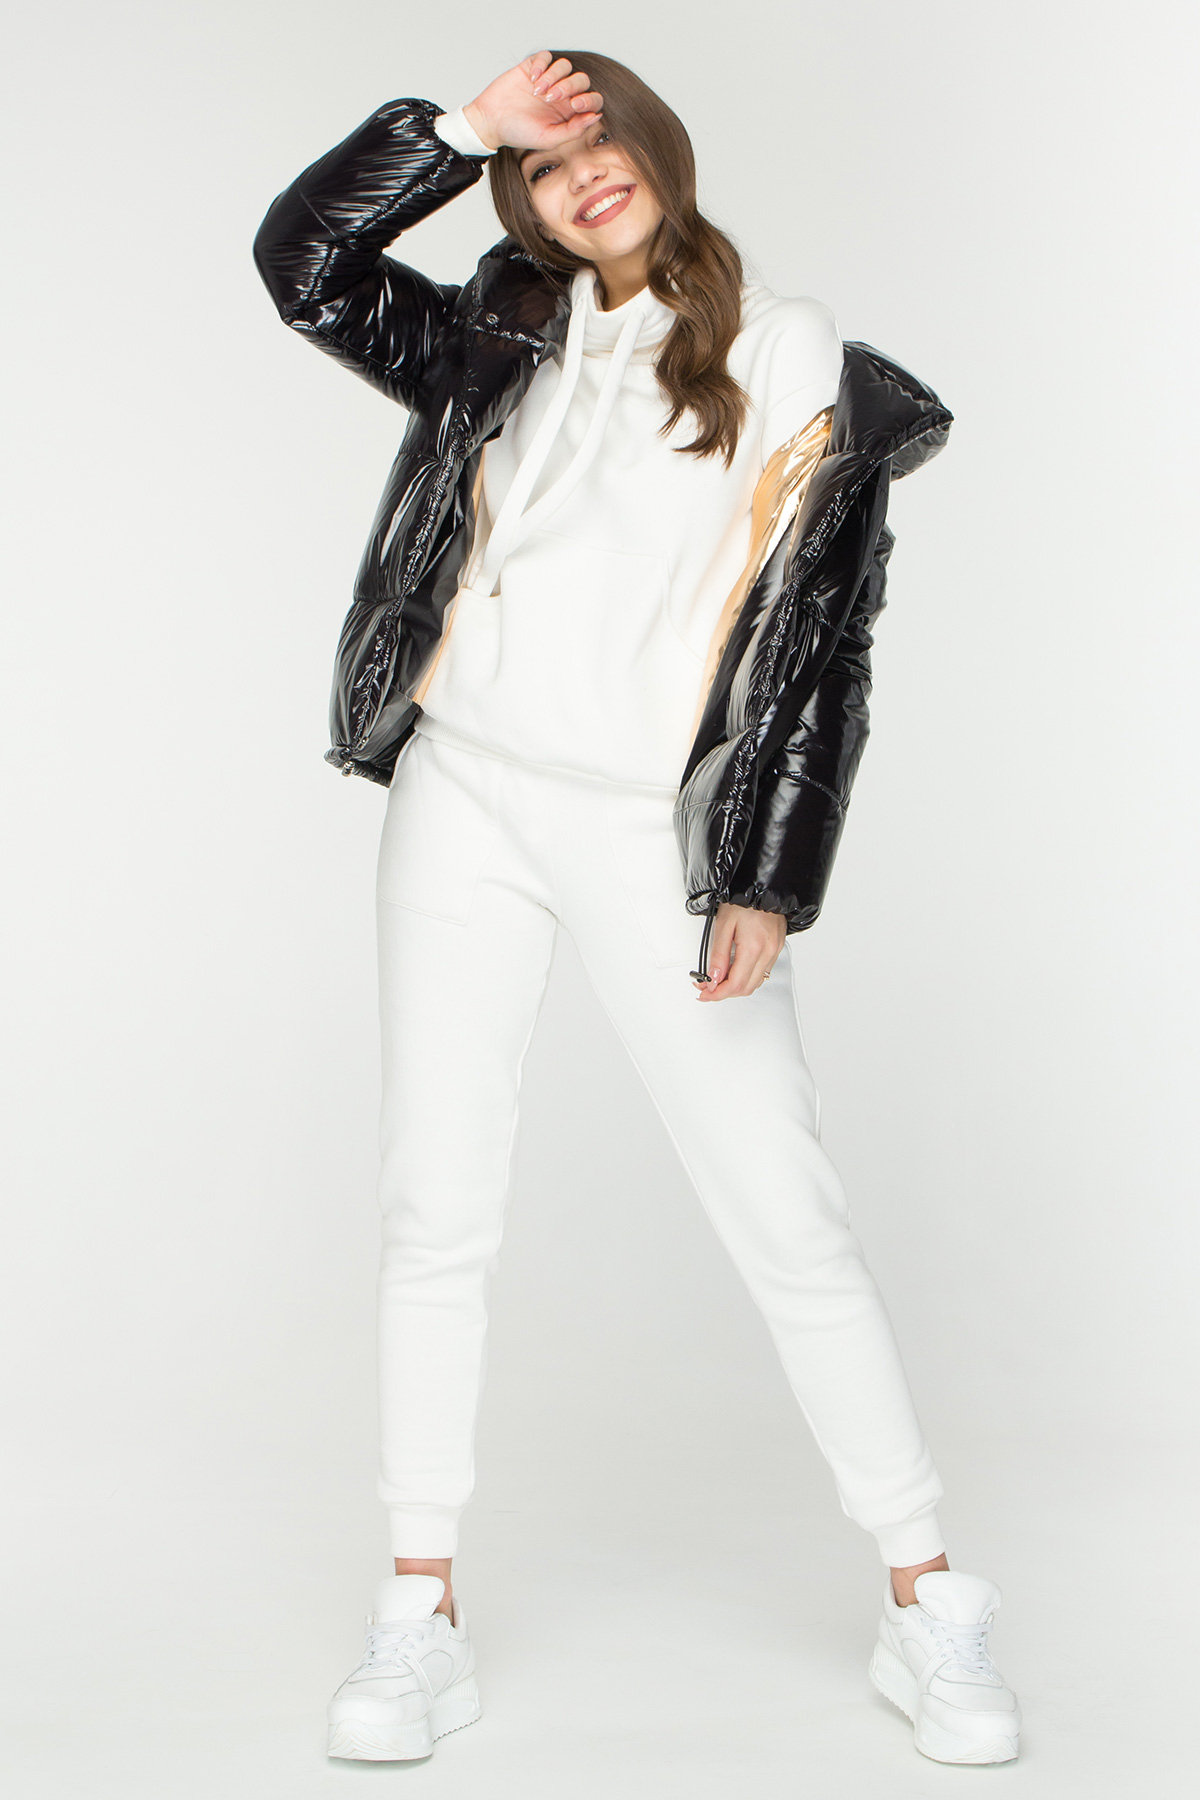 Лаковая куртка пуховик с поясом Бумер 8696 АРТ. 45155 Цвет: Черный - фото 1, интернет магазин tm-modus.ru